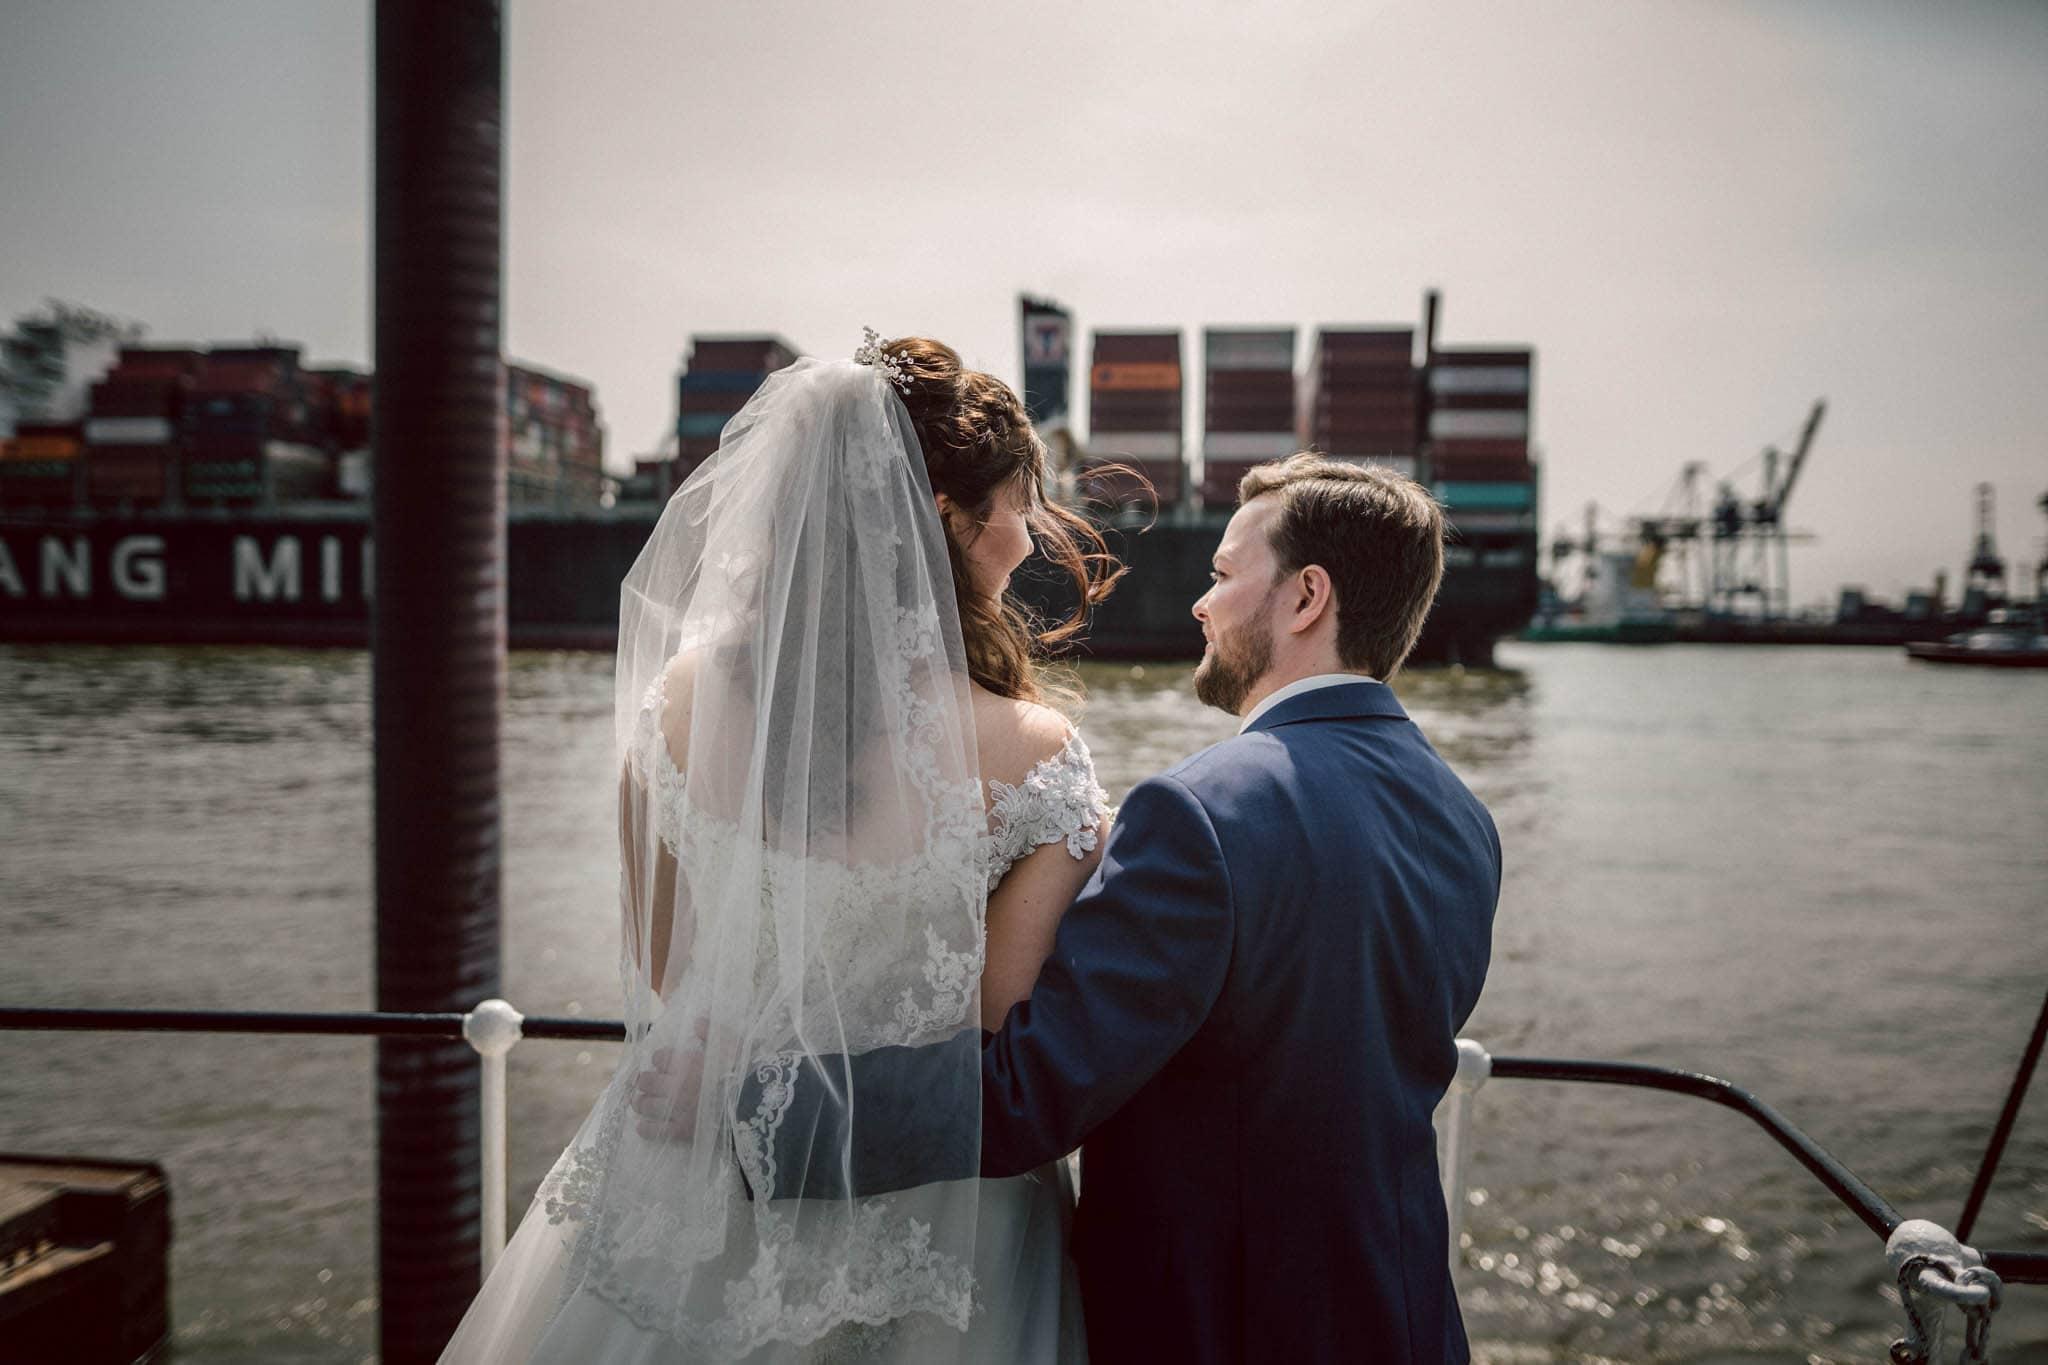 Hochzeitsfieber by Photo-Schomburg, Hochzeitsfotograf, Hamburg, Altona, wedding, Standesamt Altona, Appen, Hochzeitsshooting, Hochzeitstag, Brautpaar-74